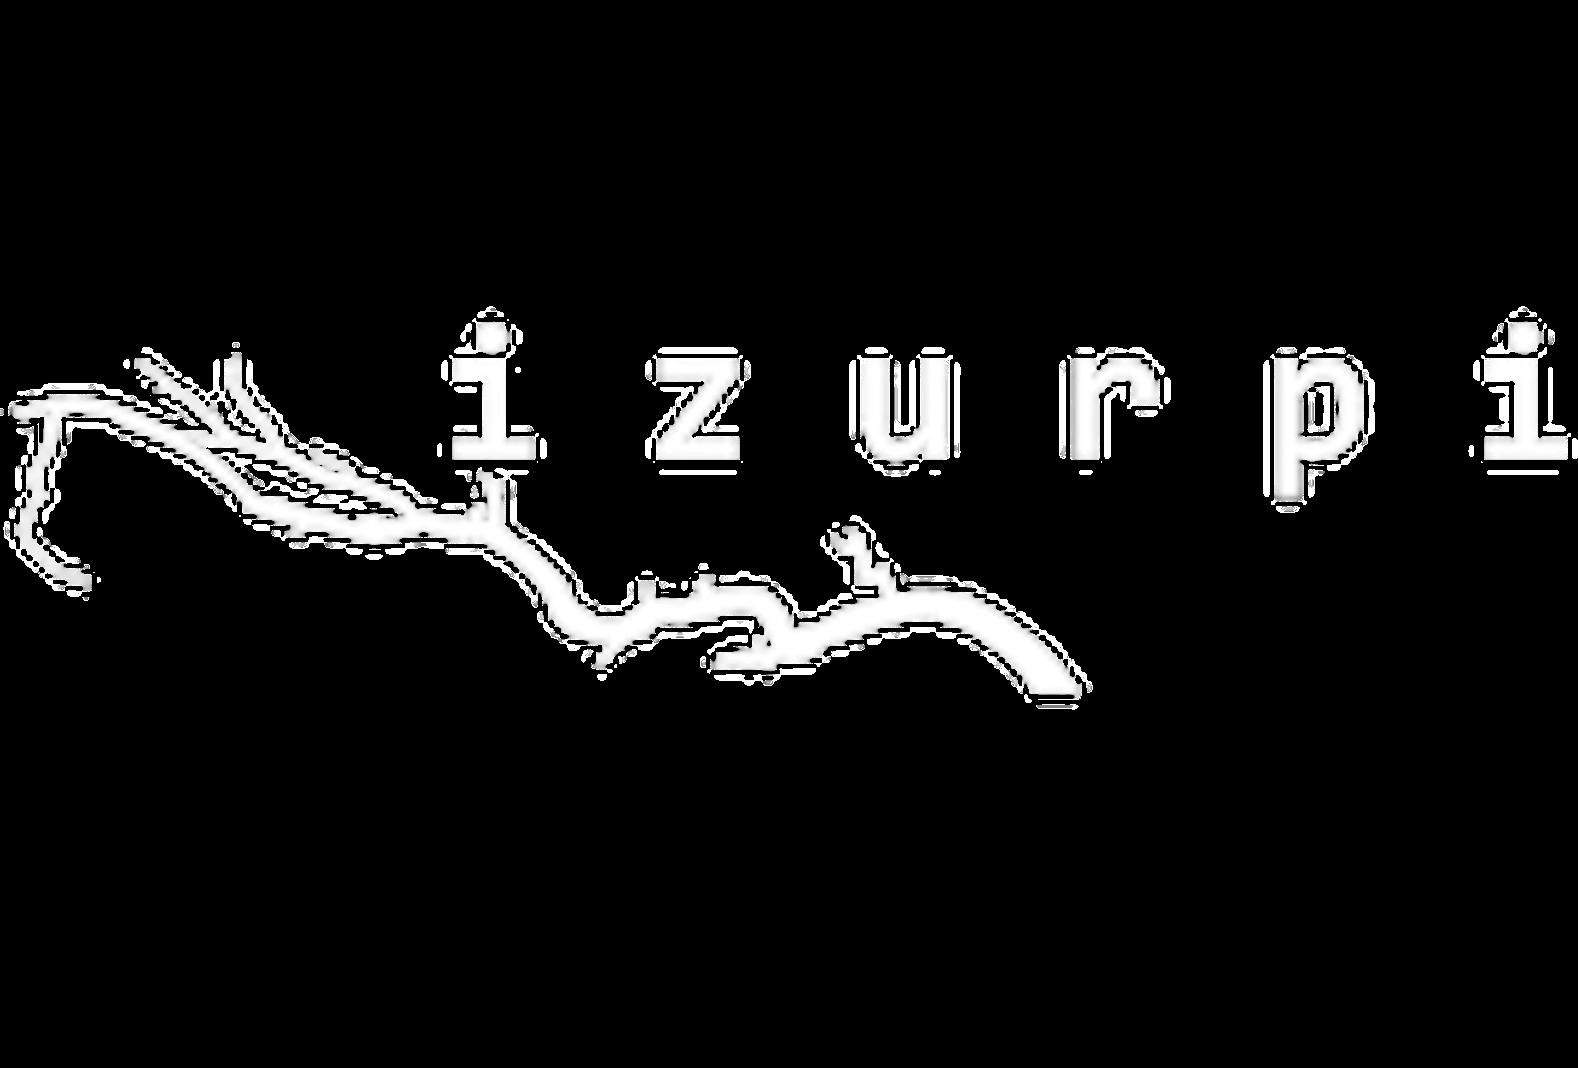 logo_izurpi_blanco_sin_fondo